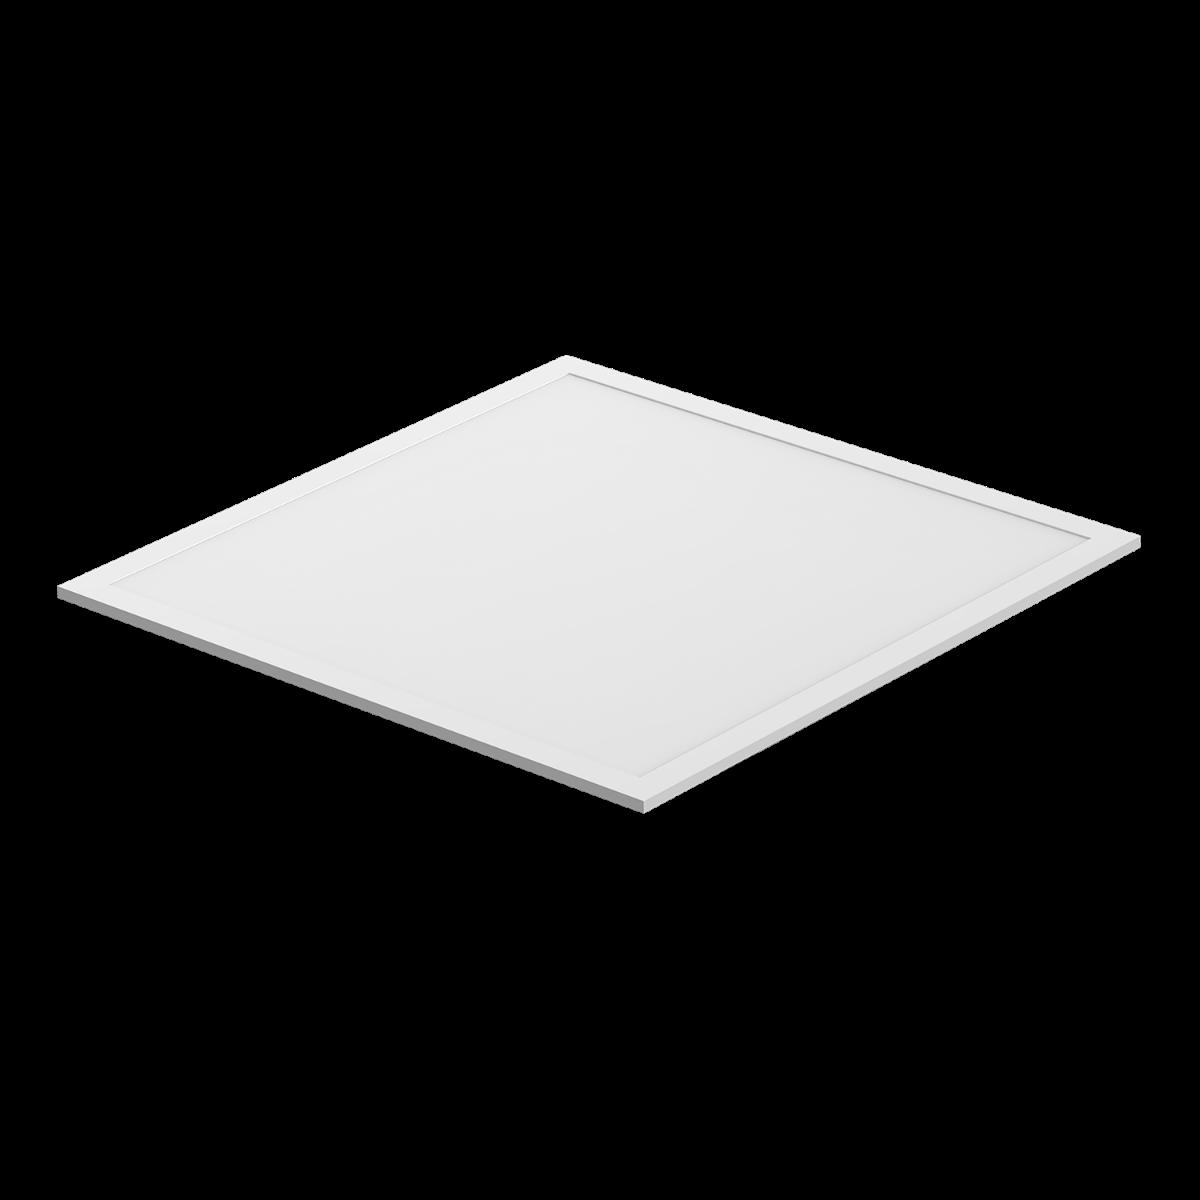 Noxion Panel LED Econox 32W 60x60cm 4000K 4400lm UGR <22   Blanco Frio - Reemplazo 4x18W